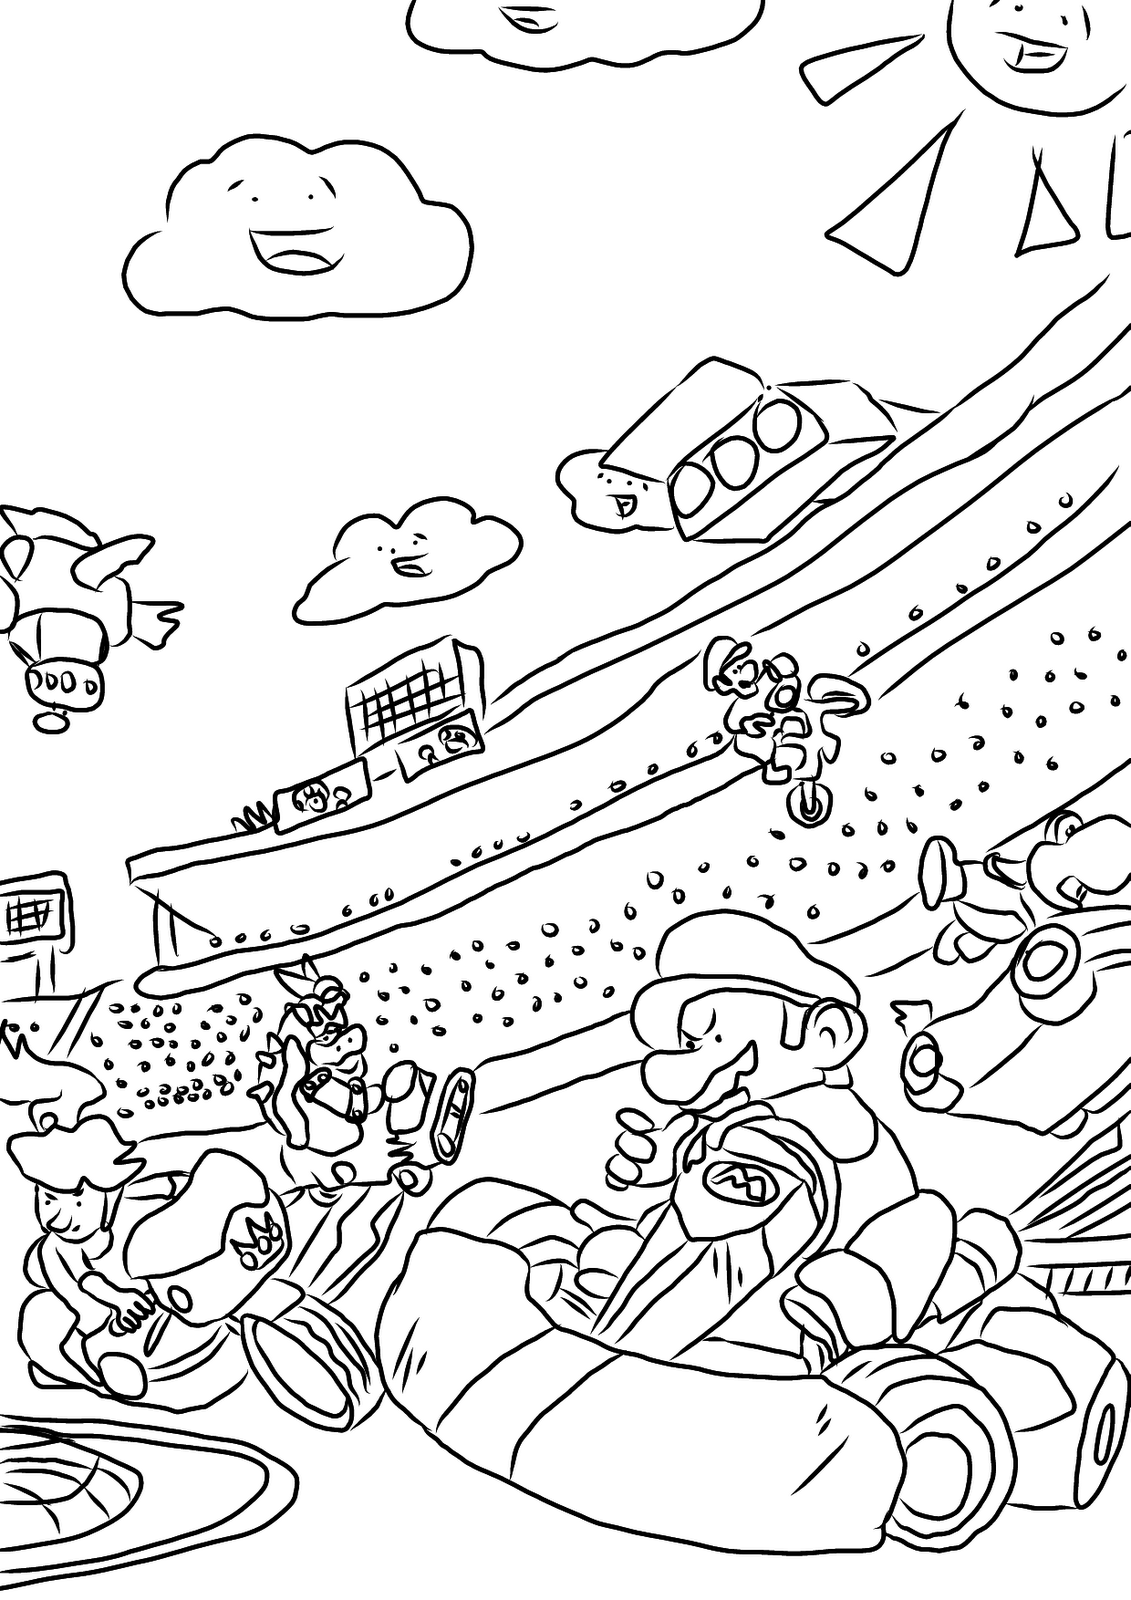 mario kart coloring pages mario kart coloring pages best coloring pages for kids pages kart coloring mario